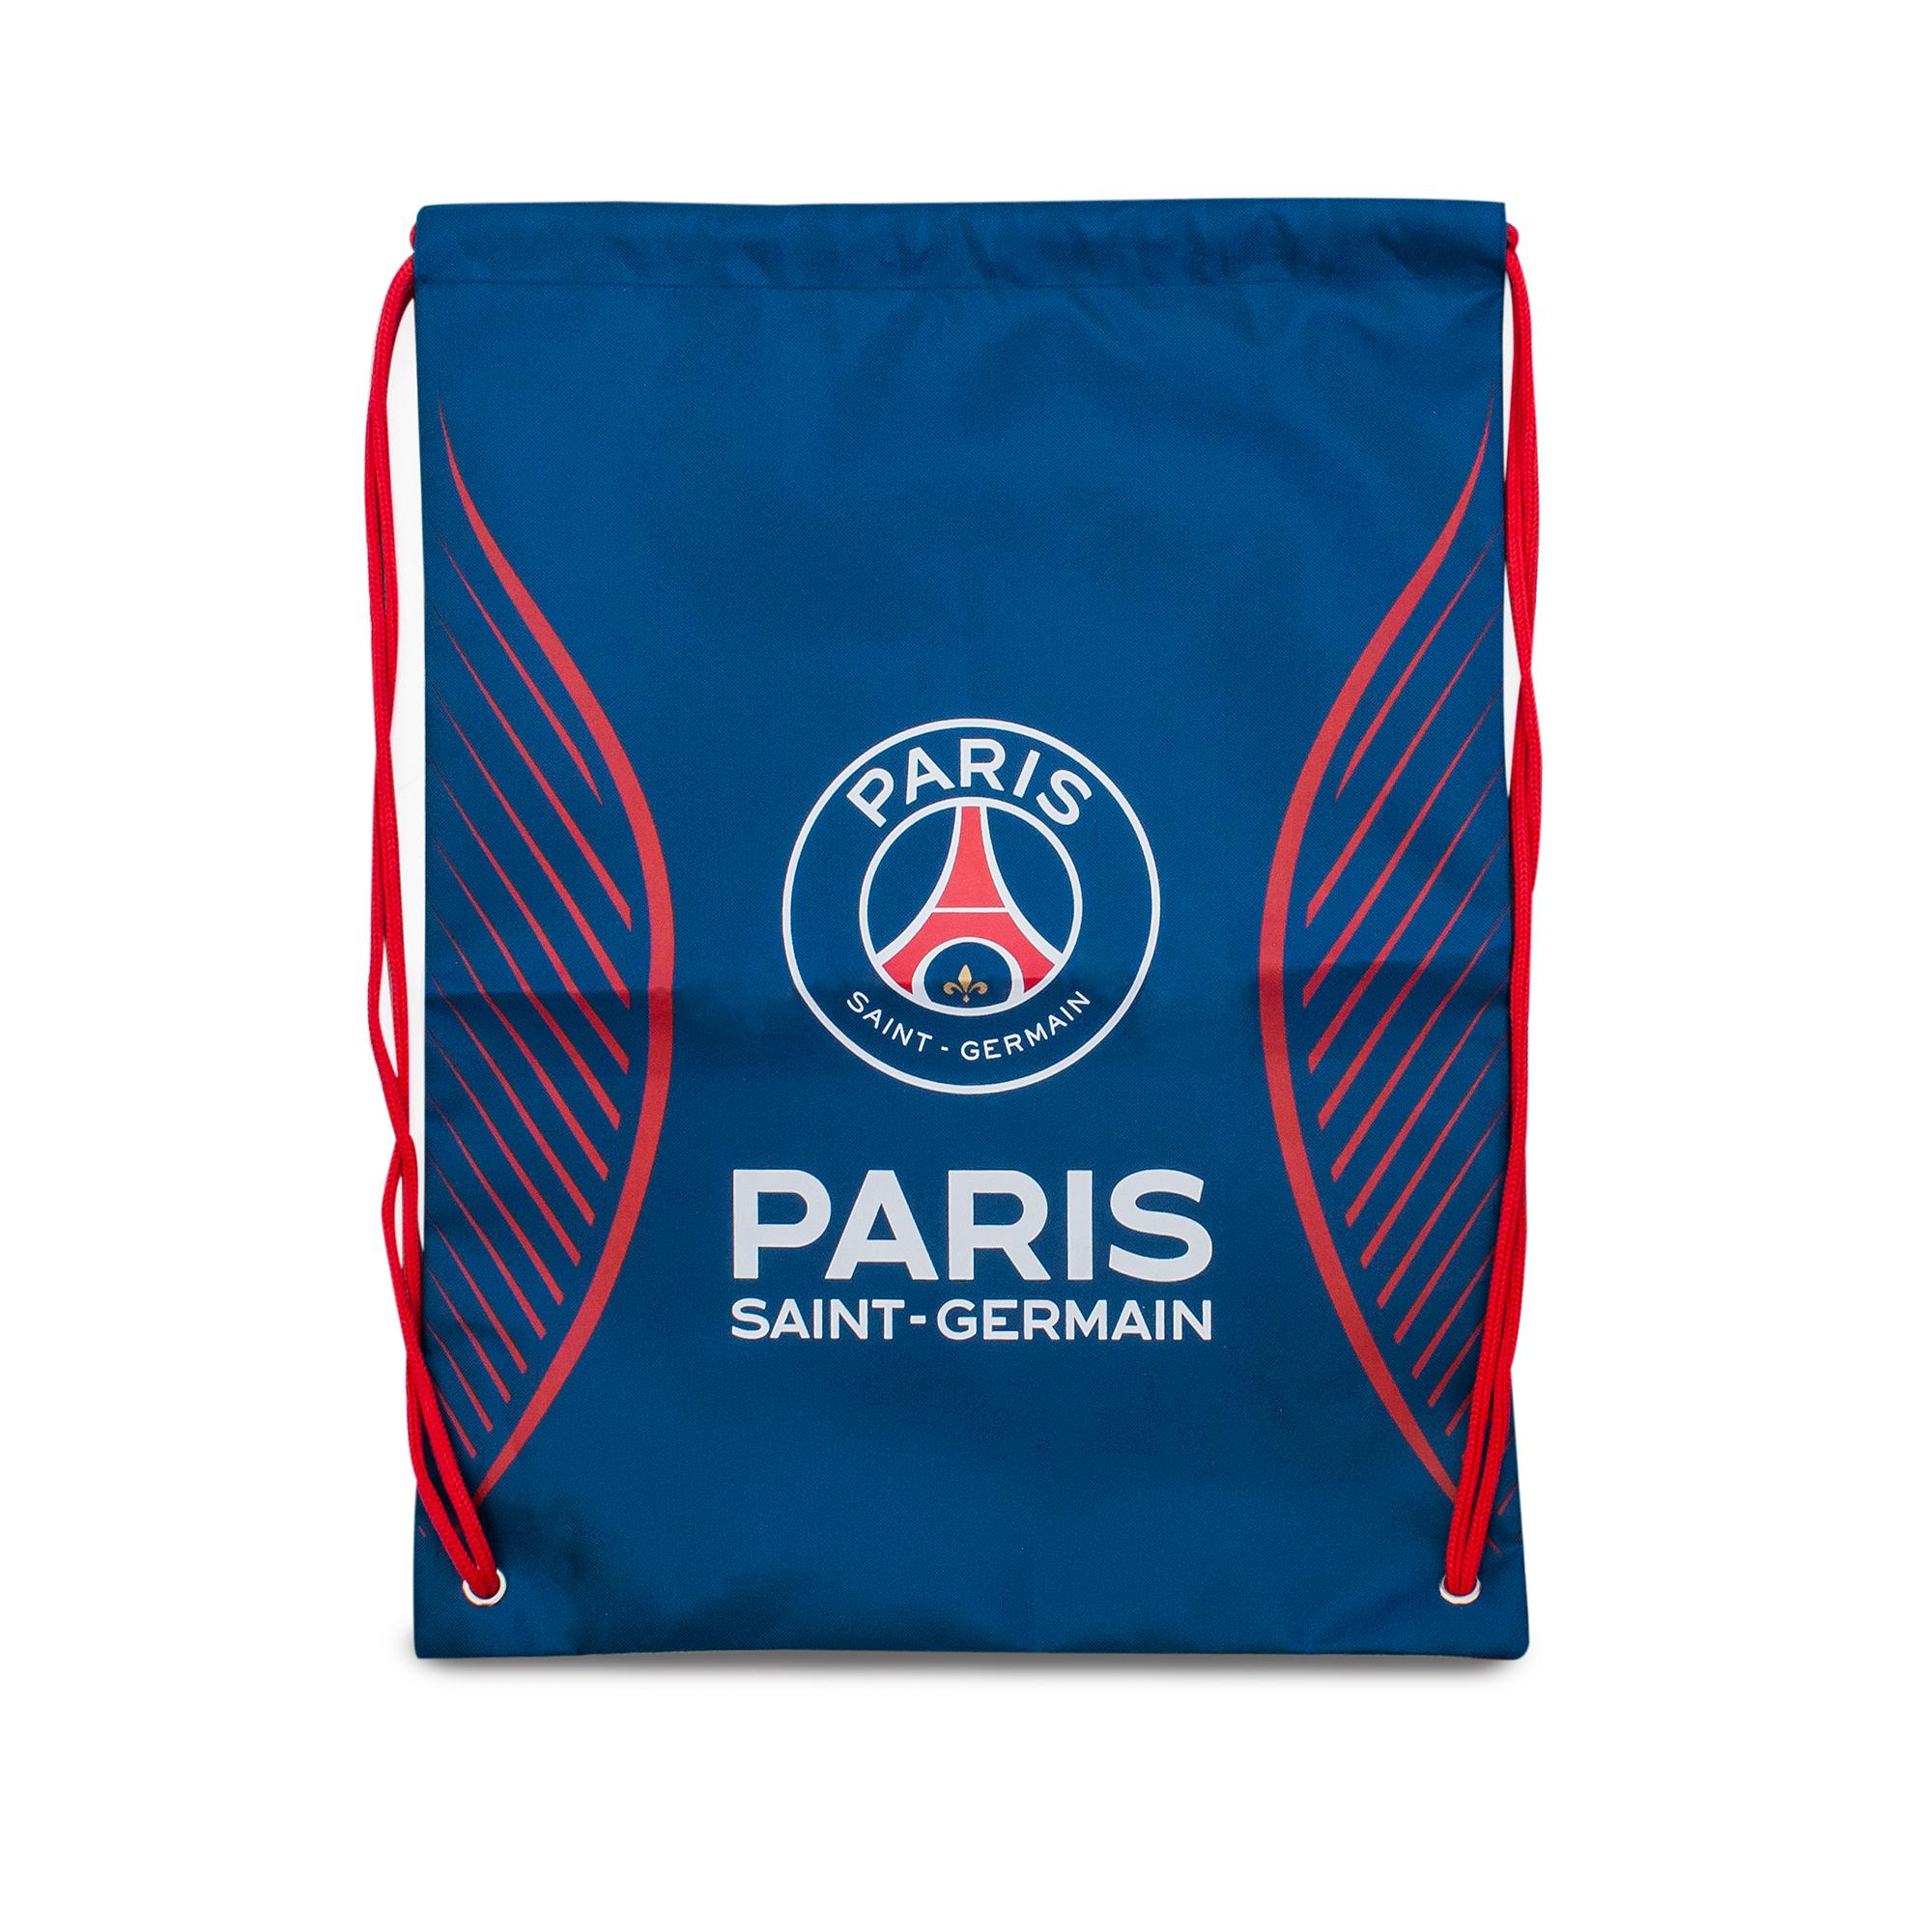 Paris Saint-Germain Crest Gym Bag